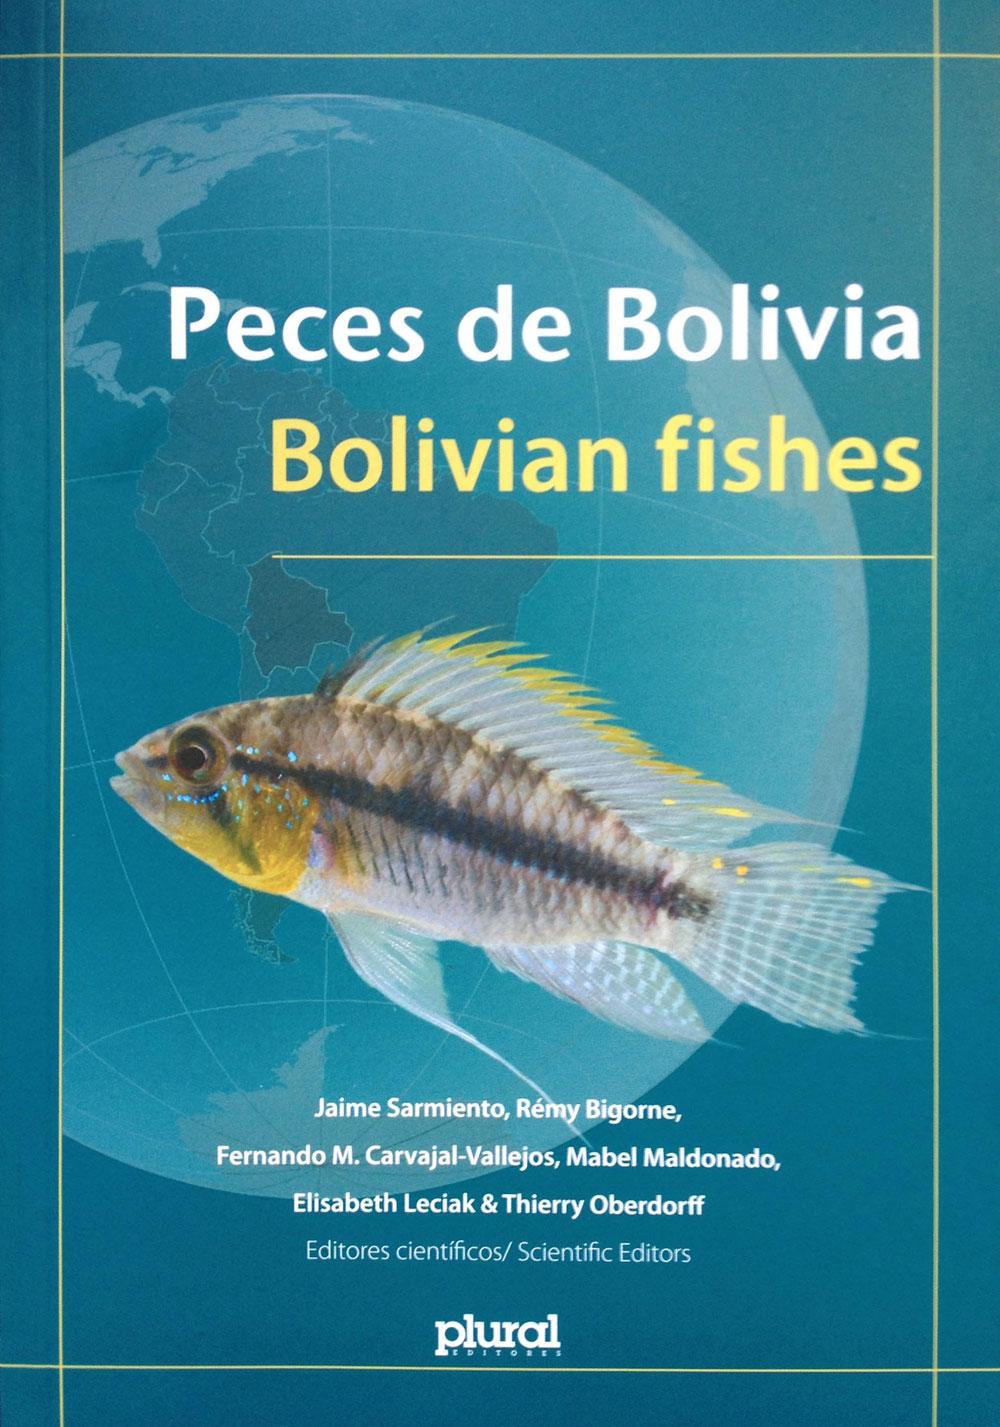 El libro Peces de Bolivia